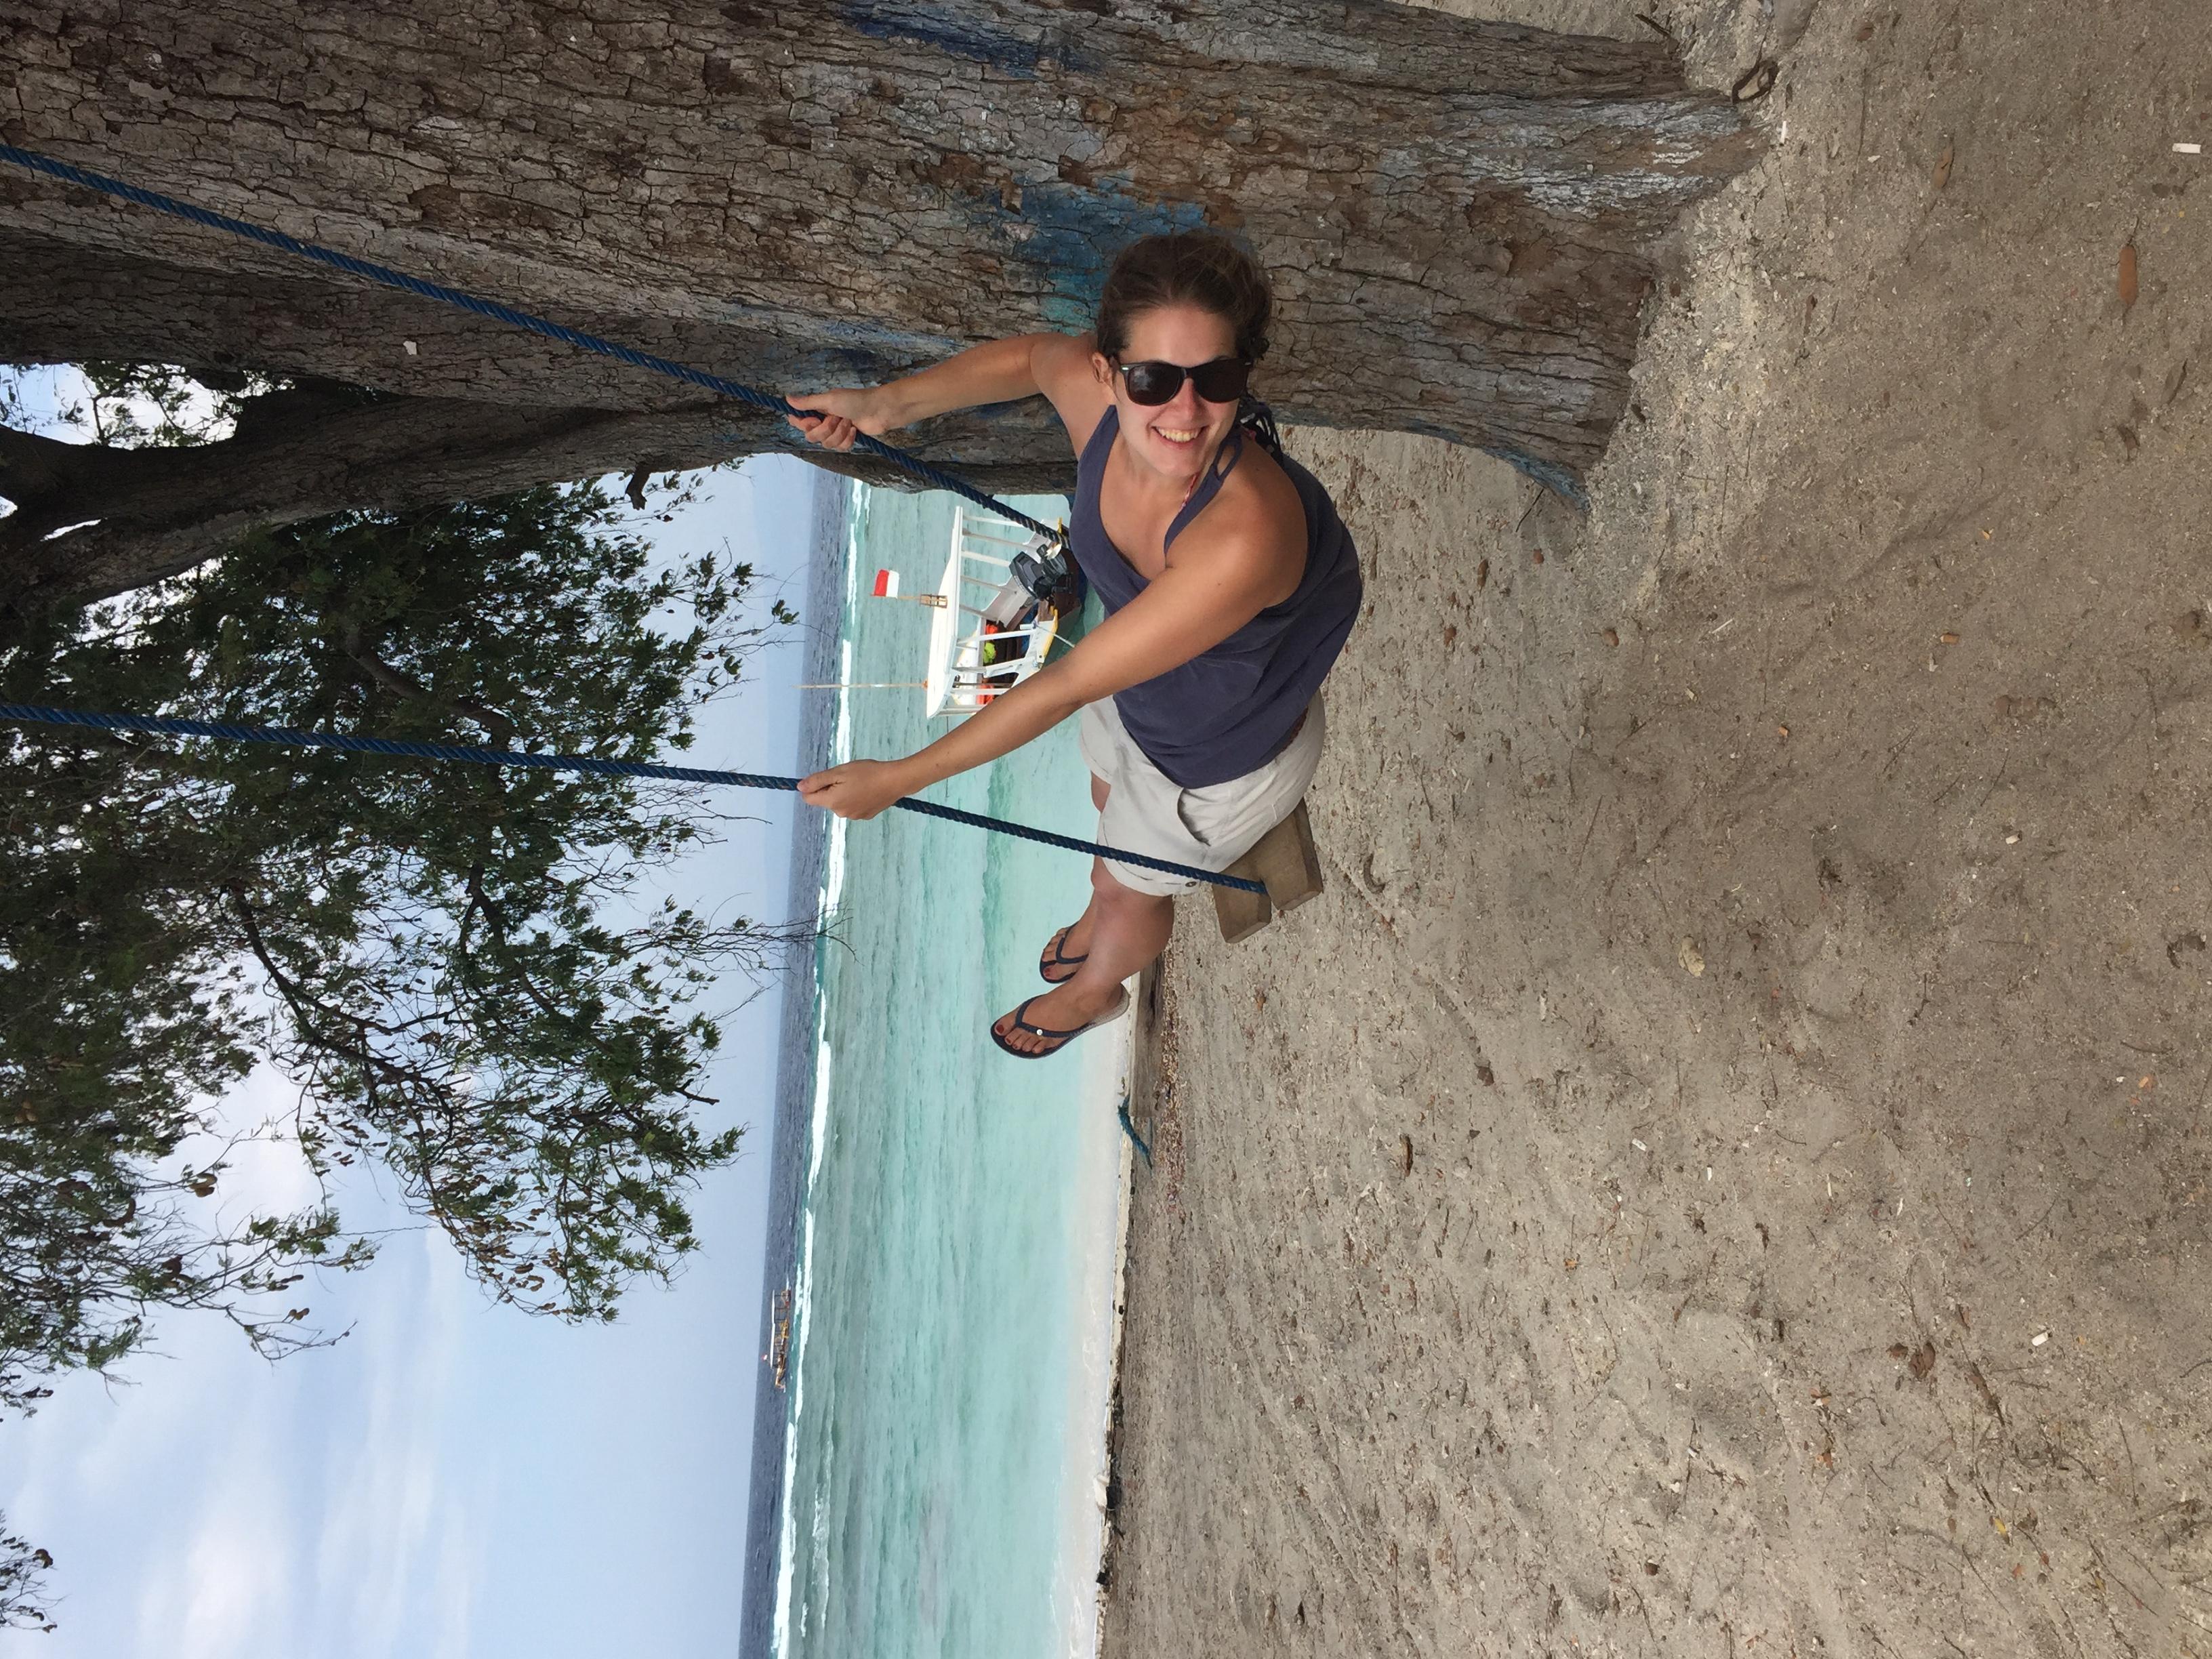 Schaukelspaß am Strand.